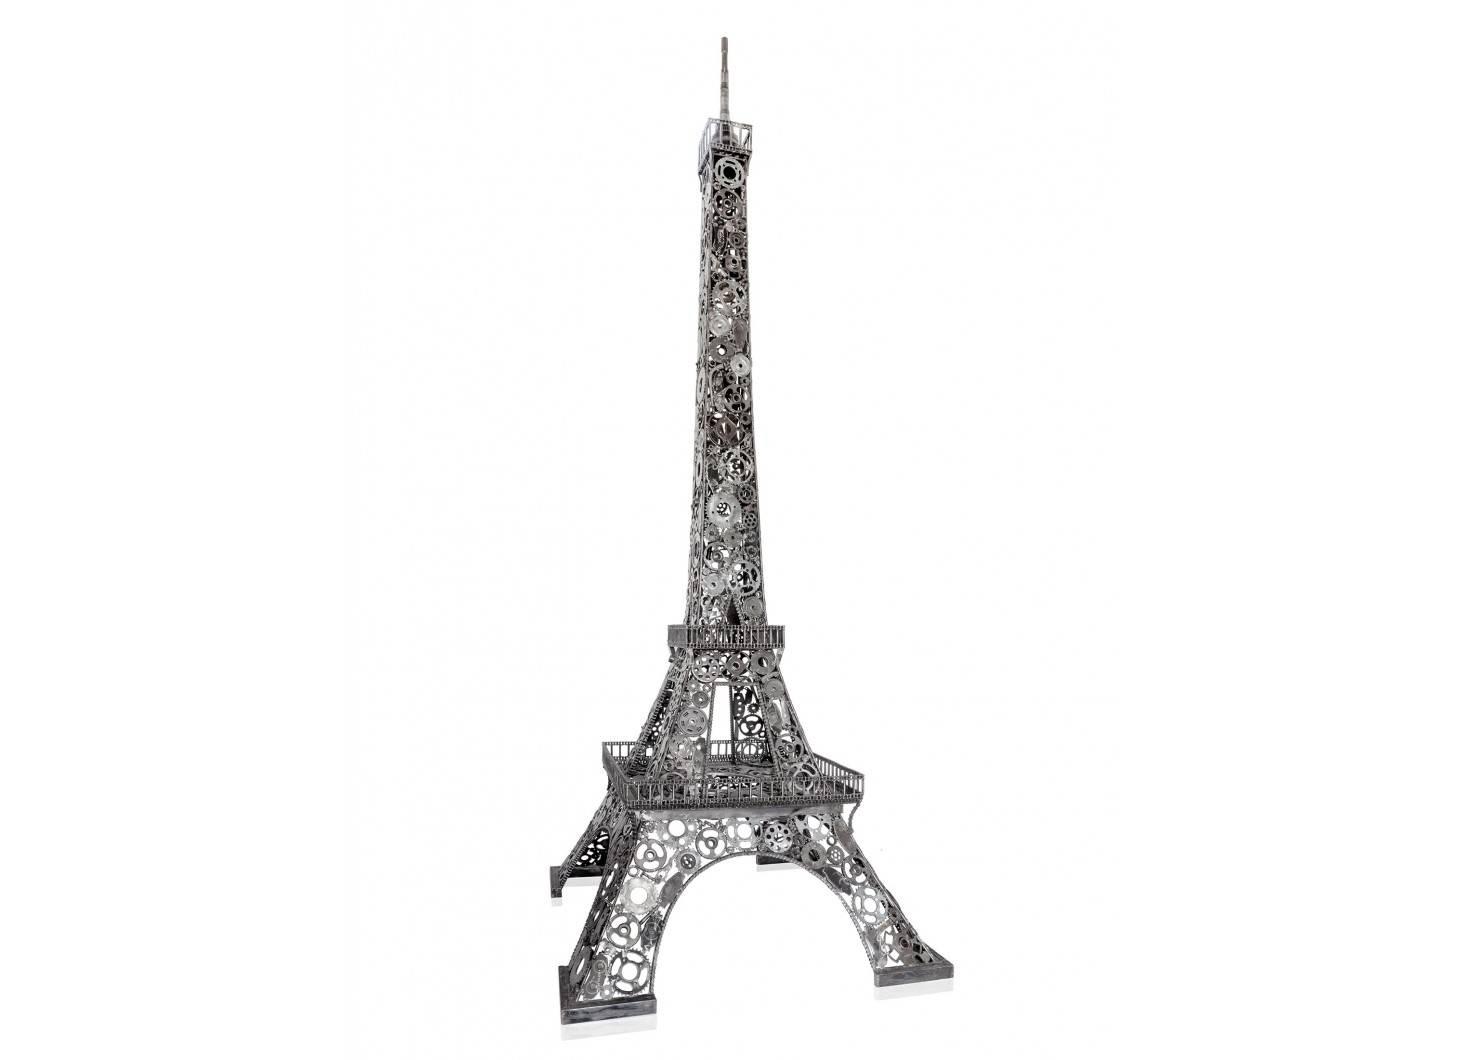 Sculpture de Tour Eiffel en métal récupéré